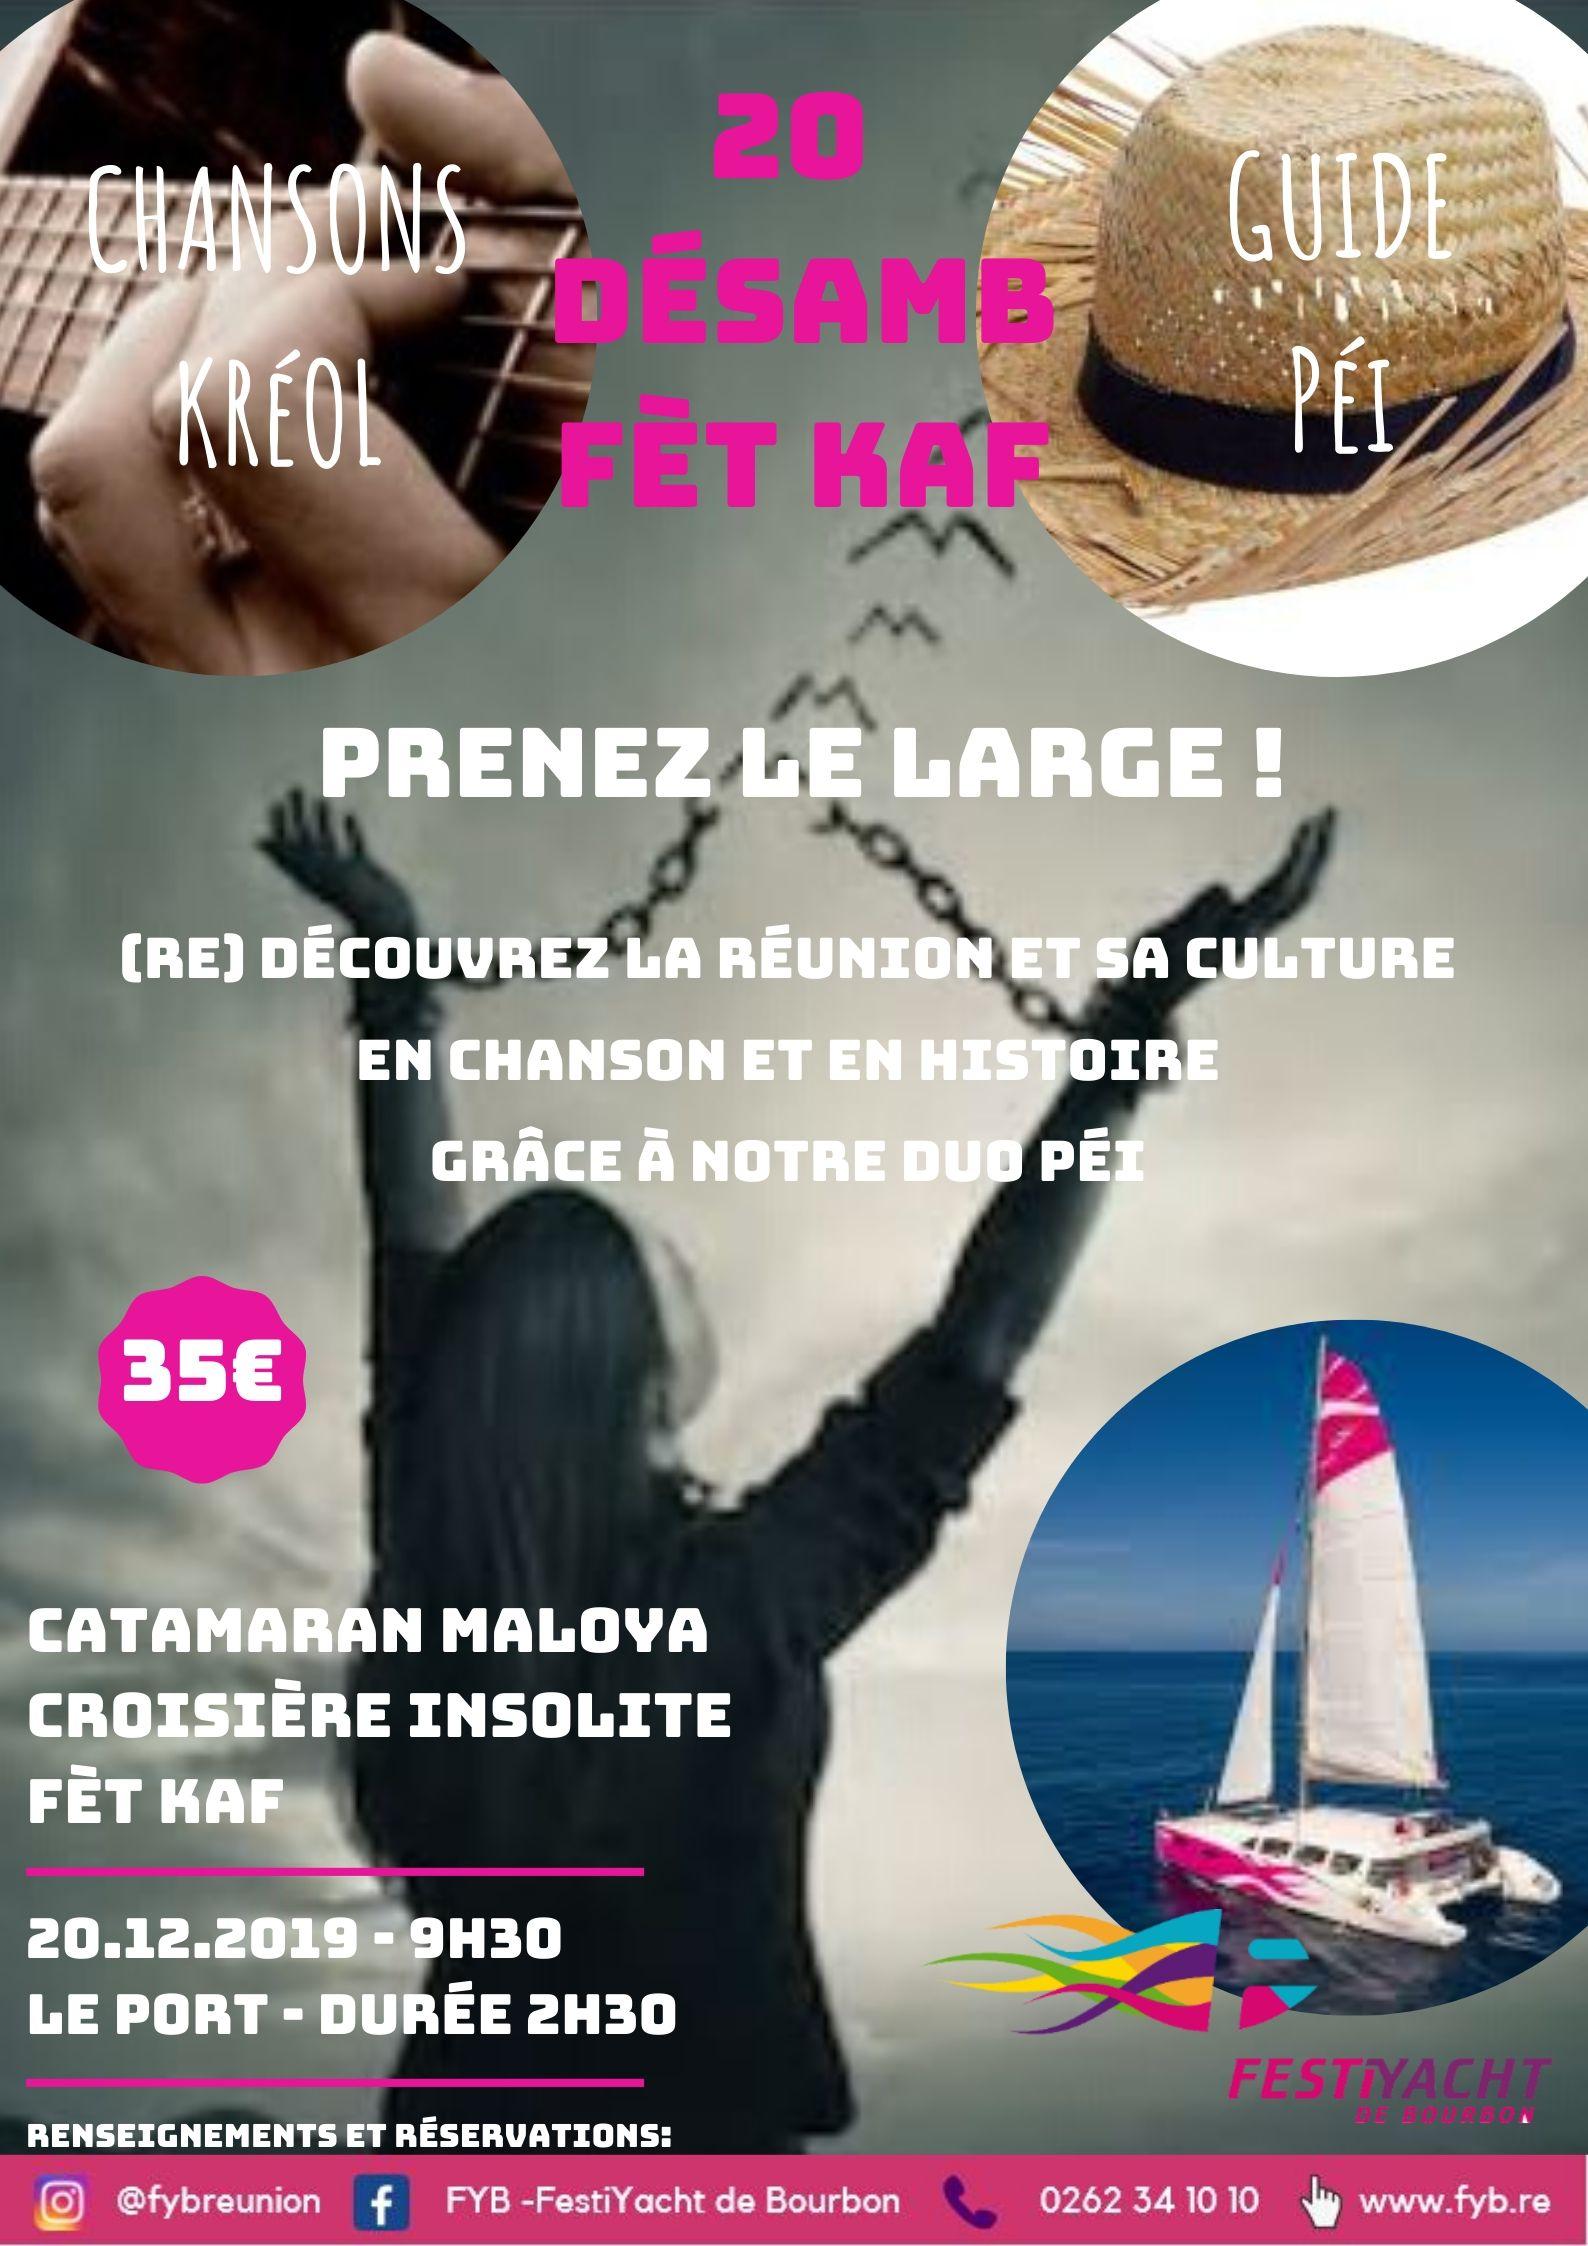 20 DESAMB FET KAF - PRENEZ LE LARGE, Festiyacht reunion, catamaran le port reunion, fete kaf, 20 decembre fete kafLe Port, agenda, les randonnées et les visites guidées, Office de Tourisme, Ouest, La Réunion, Ile de La Réunion, 974